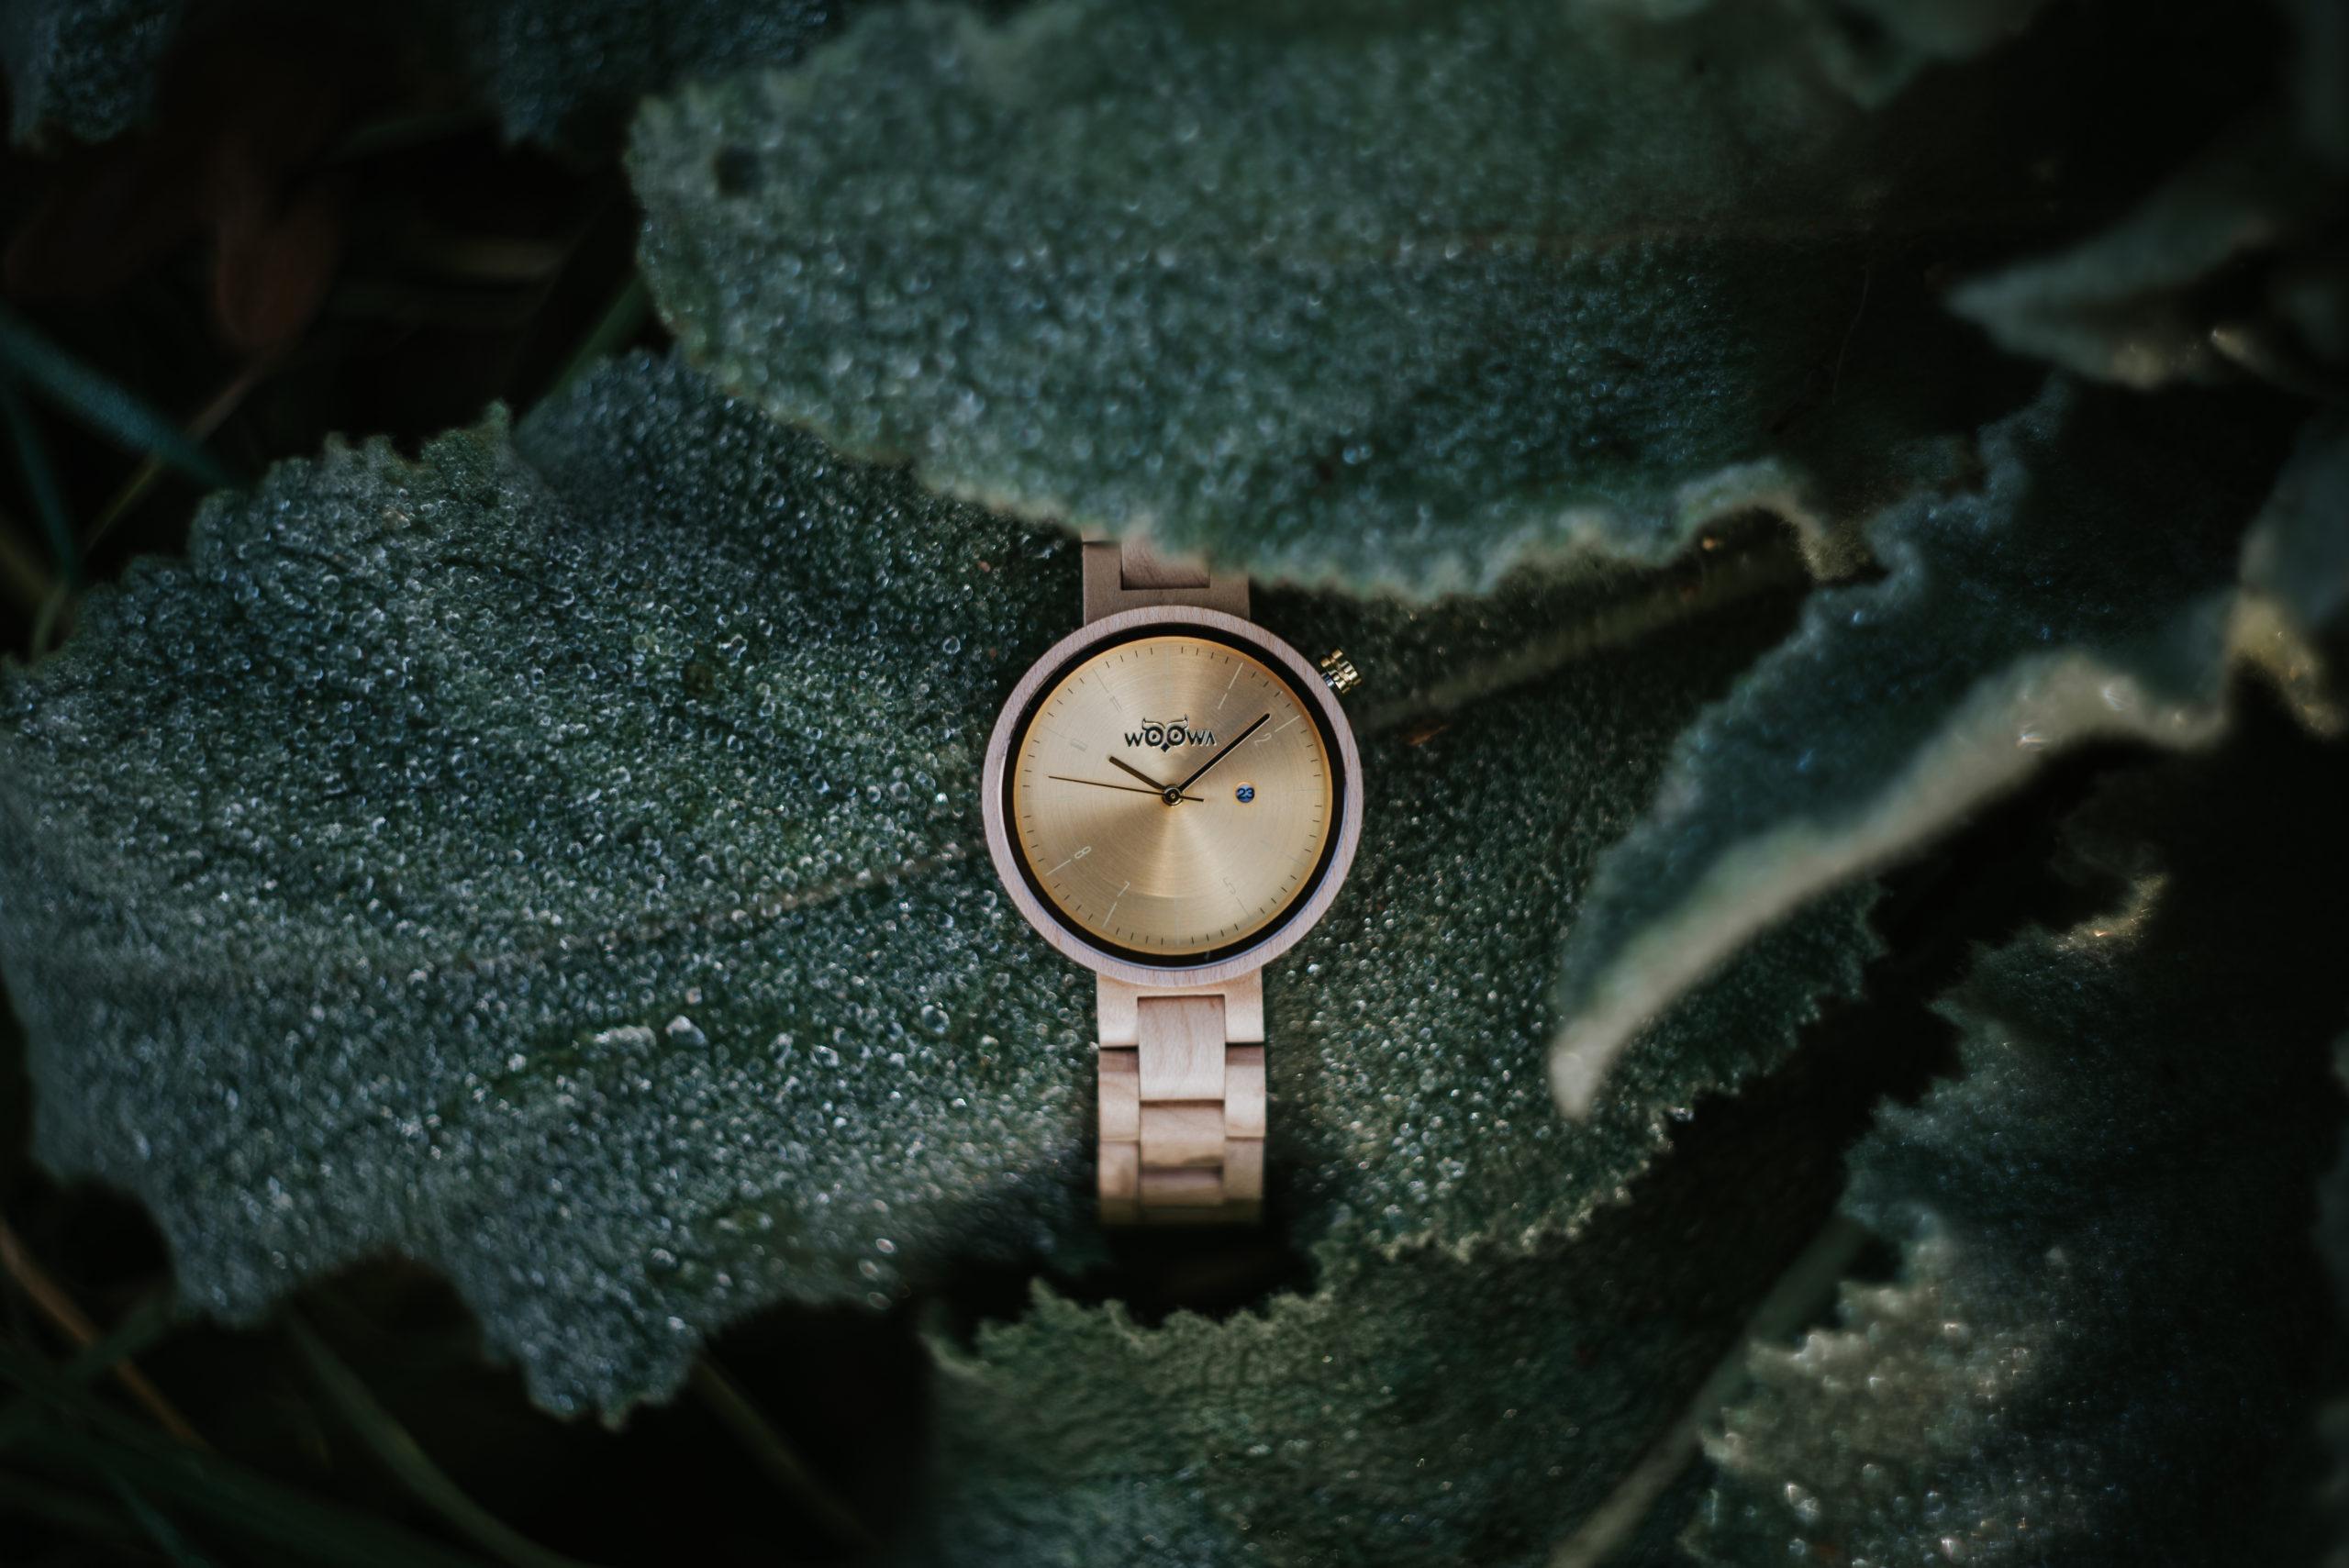 Dámské hodinky Mirri Maple jsou vyrobeny z javoru